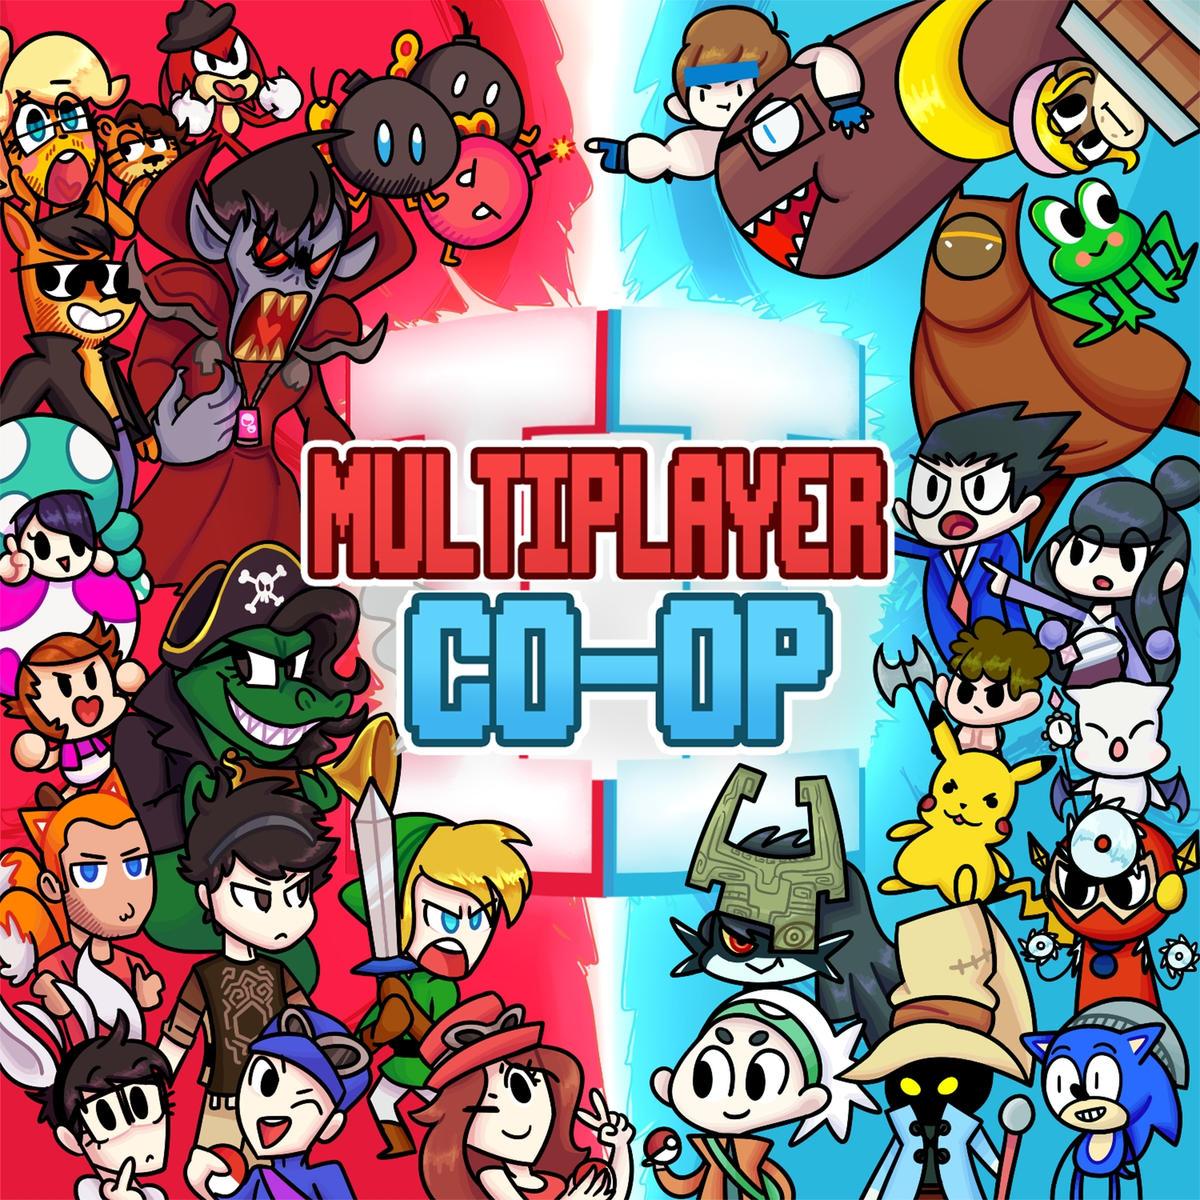 Co Op: Multiplayer II: Co-Op. Soundtrack From Multiplayer II: Co-Op